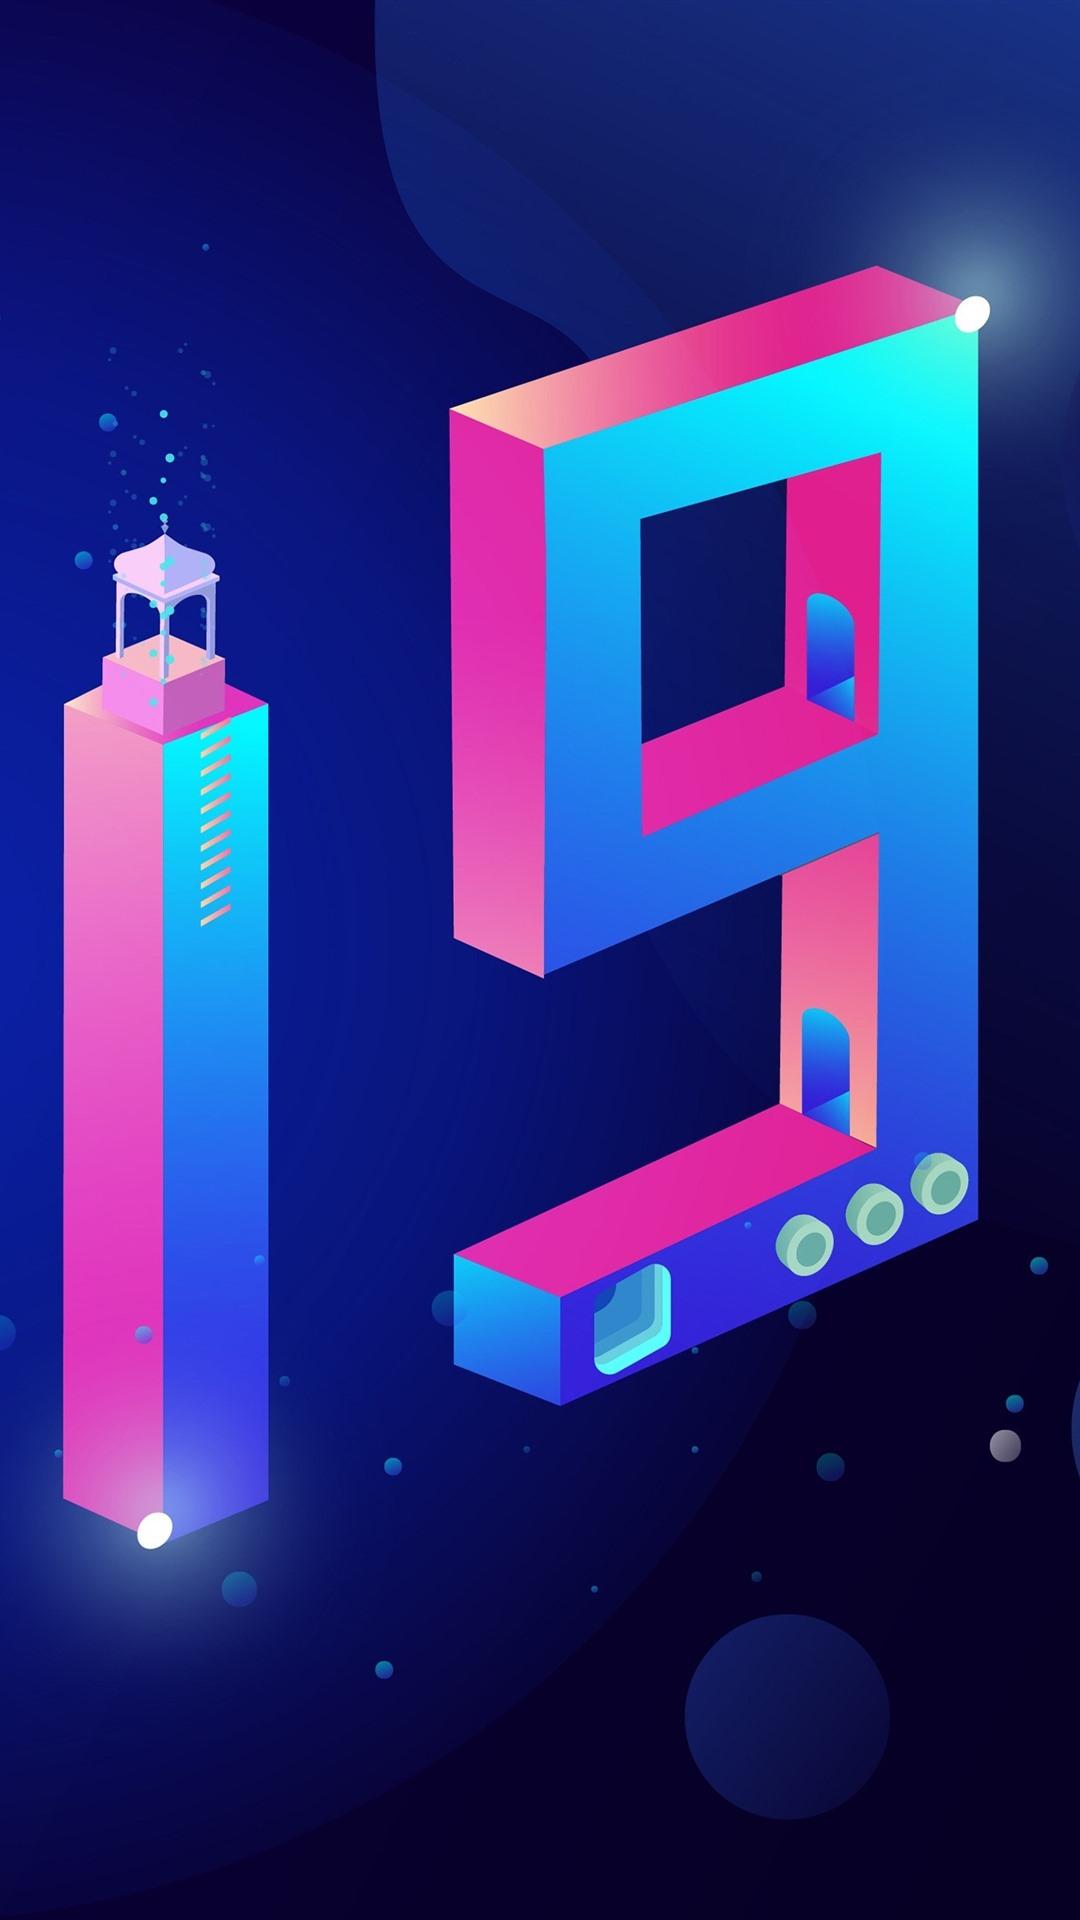 Happy New Year 2019 Creative Design Colorful Numerica 1080x1920